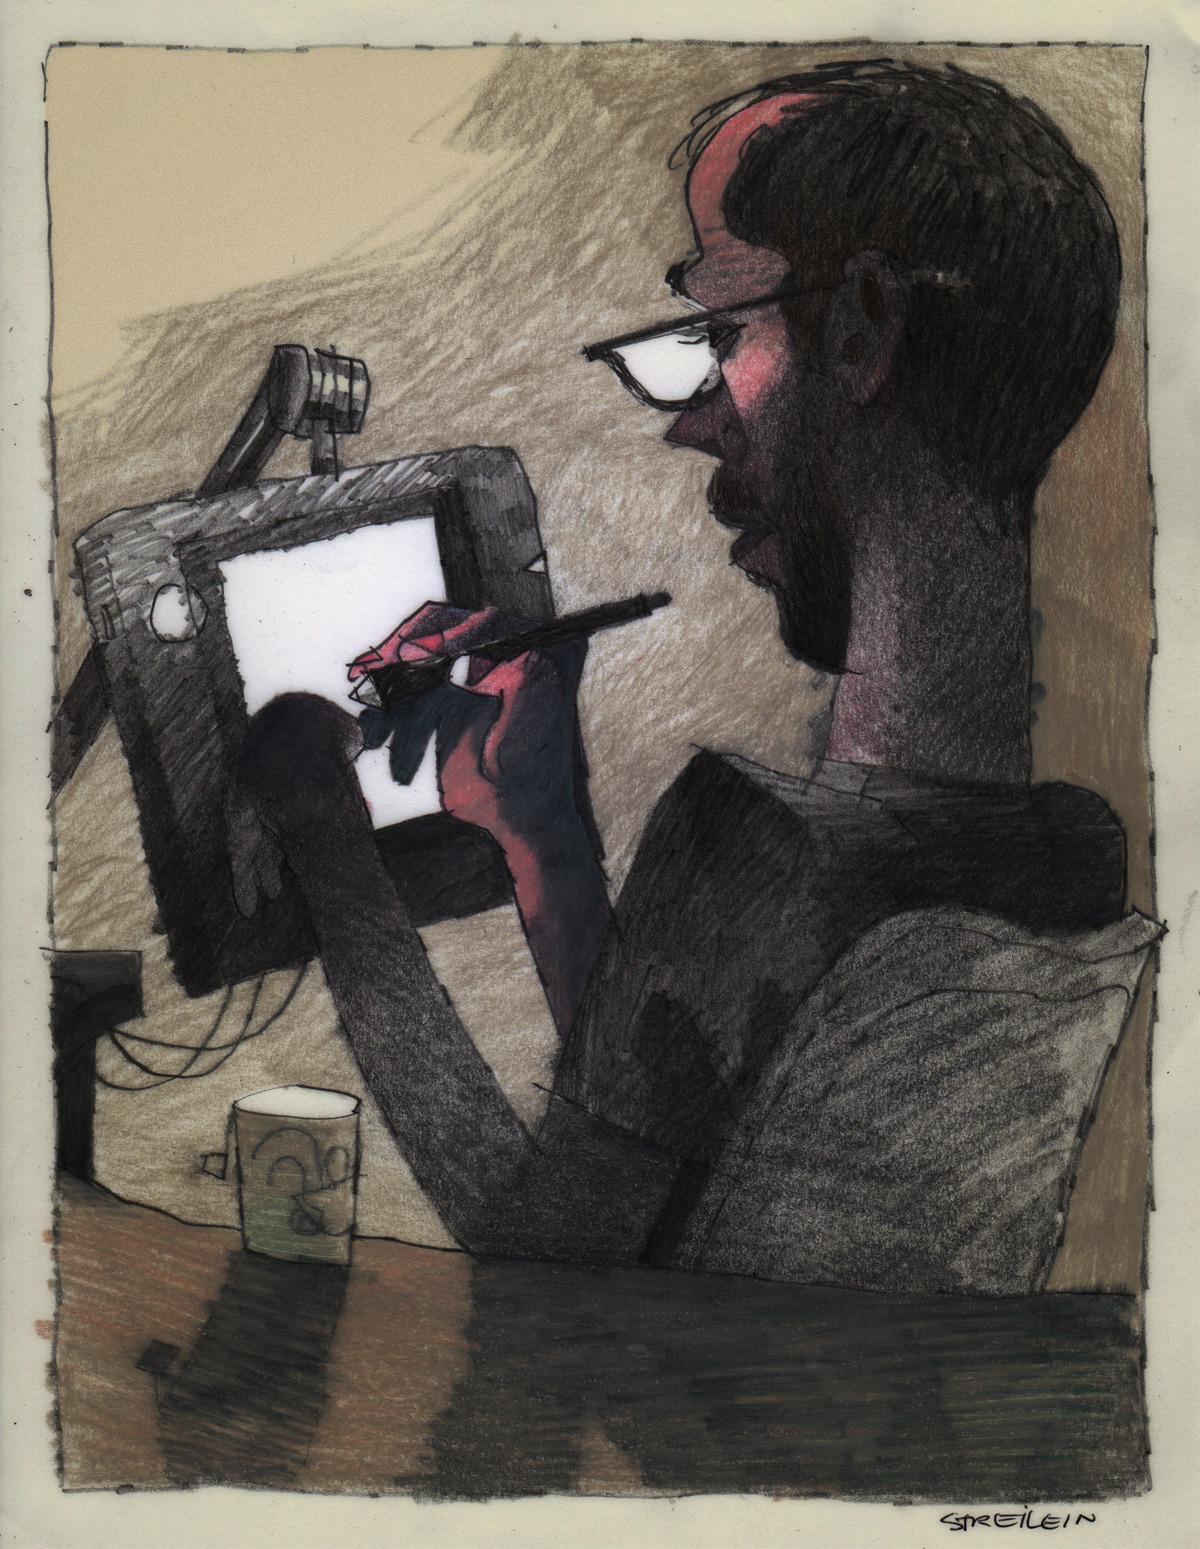 Artist of the Day: Jacob Streilein